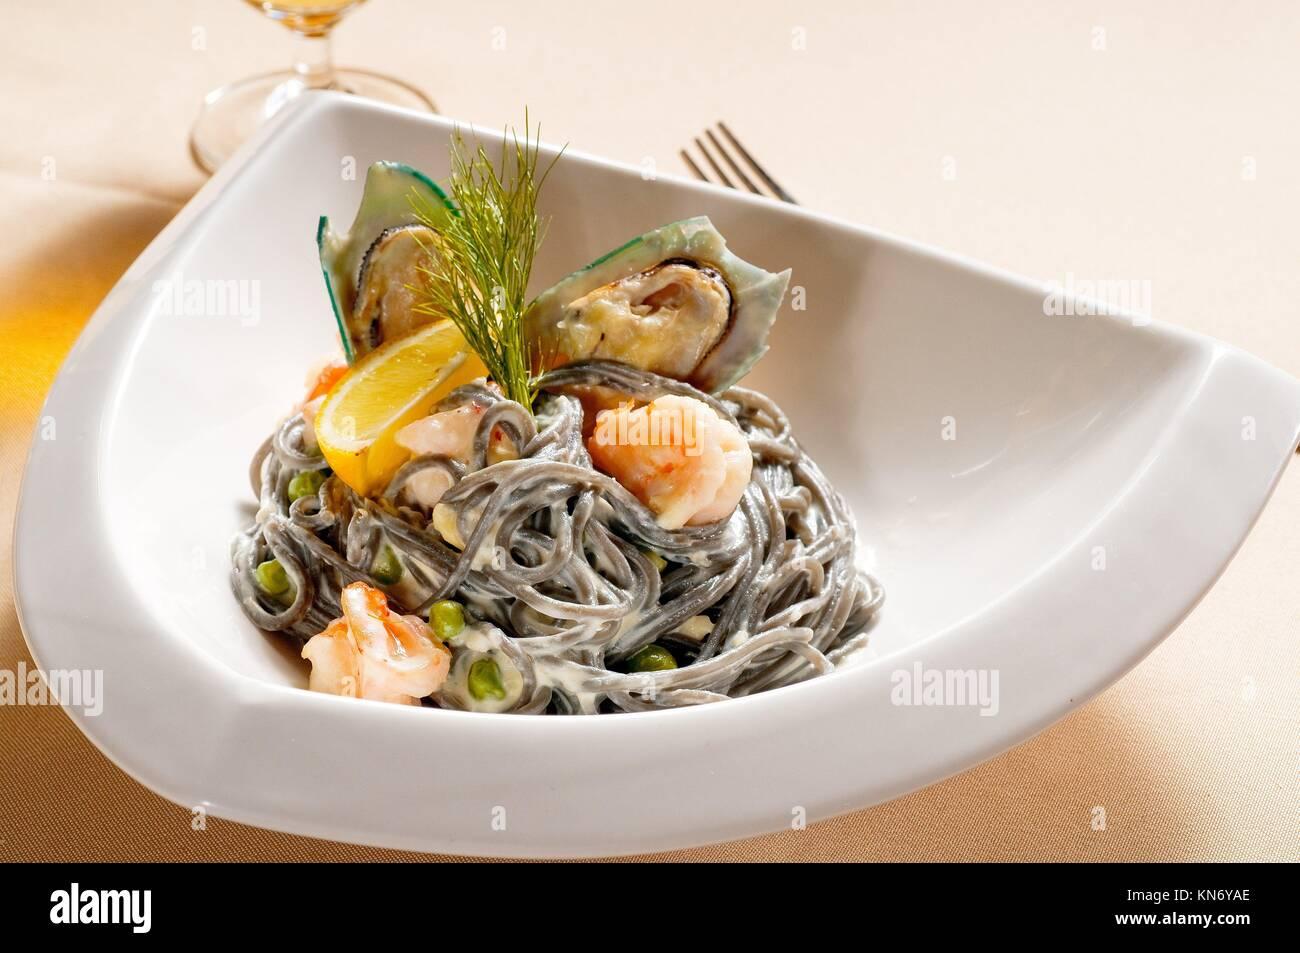 Frische Meeresfrüchte schwarzes Tintenfisch gefärbte Spaghetti pasta typisches italienisches Essen. Stockbild